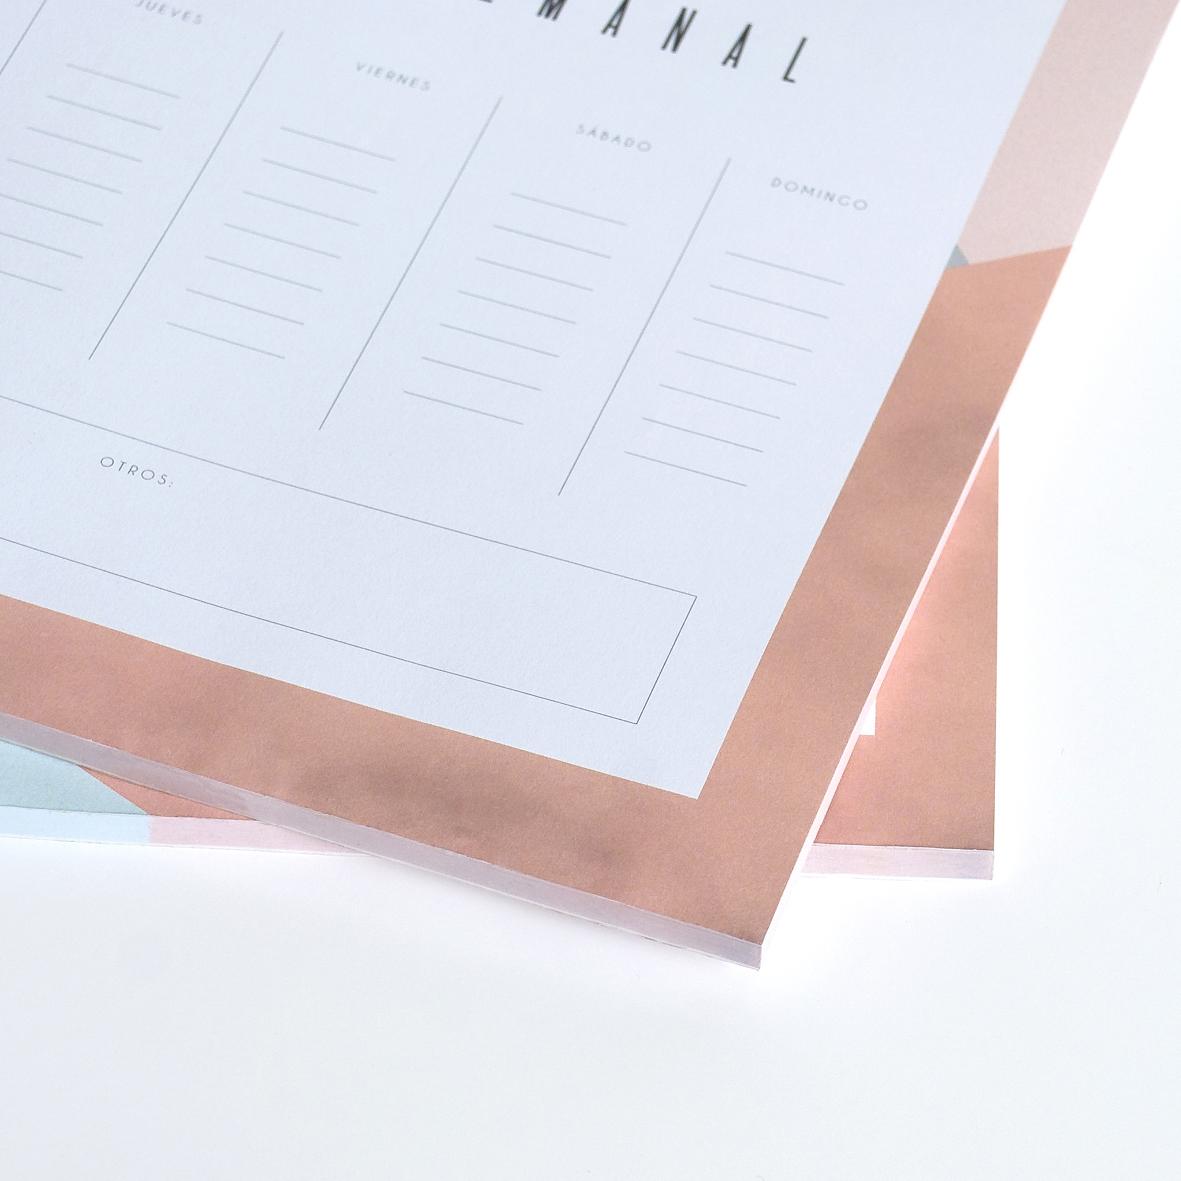 planificador semanal de sobremesa encolado para arrancar paginas